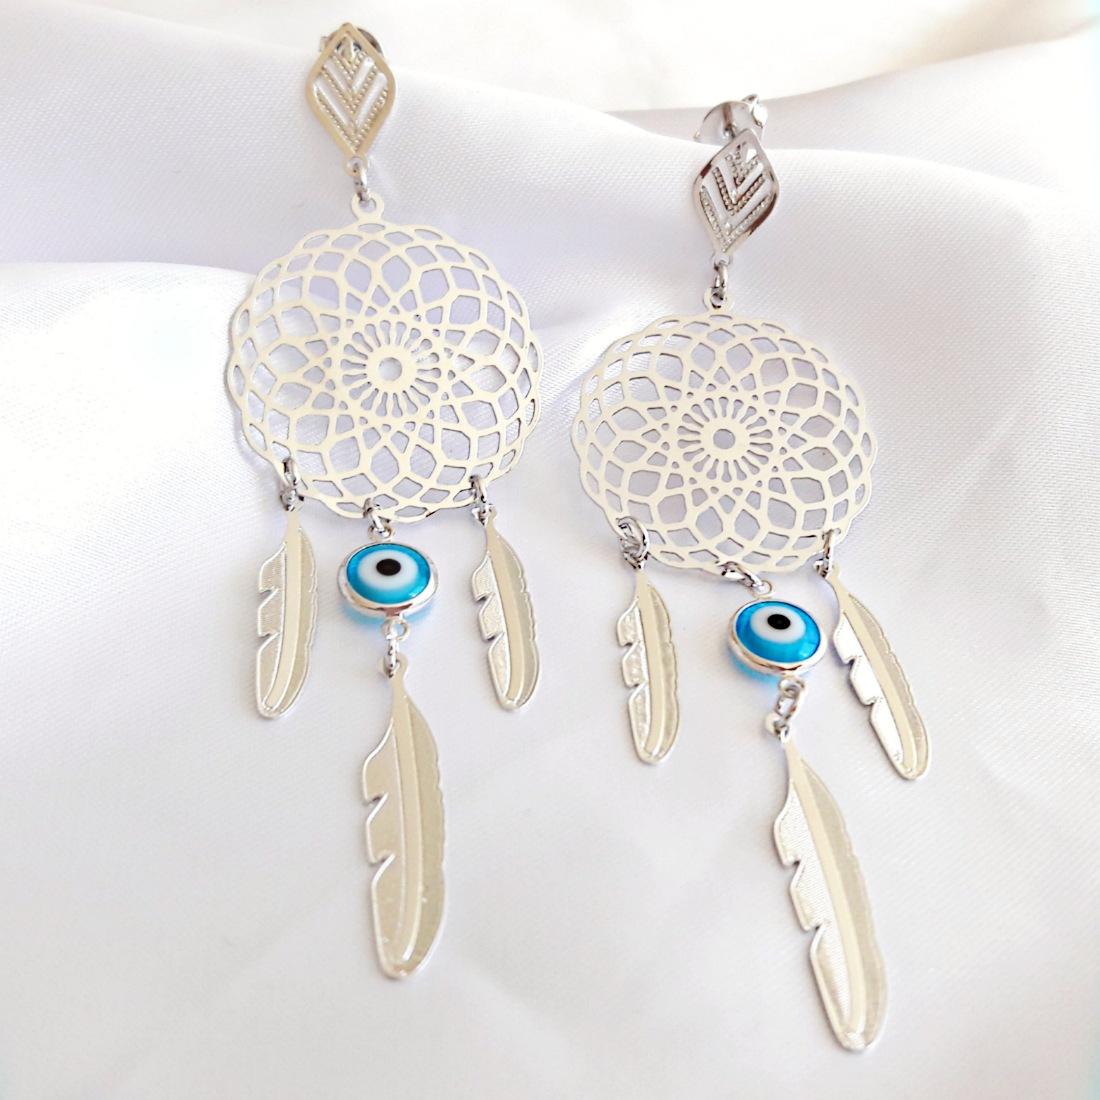 Brinco Filtro dos Sonhos e Olho Grego Azul em Ródio Branco  - Soloyou